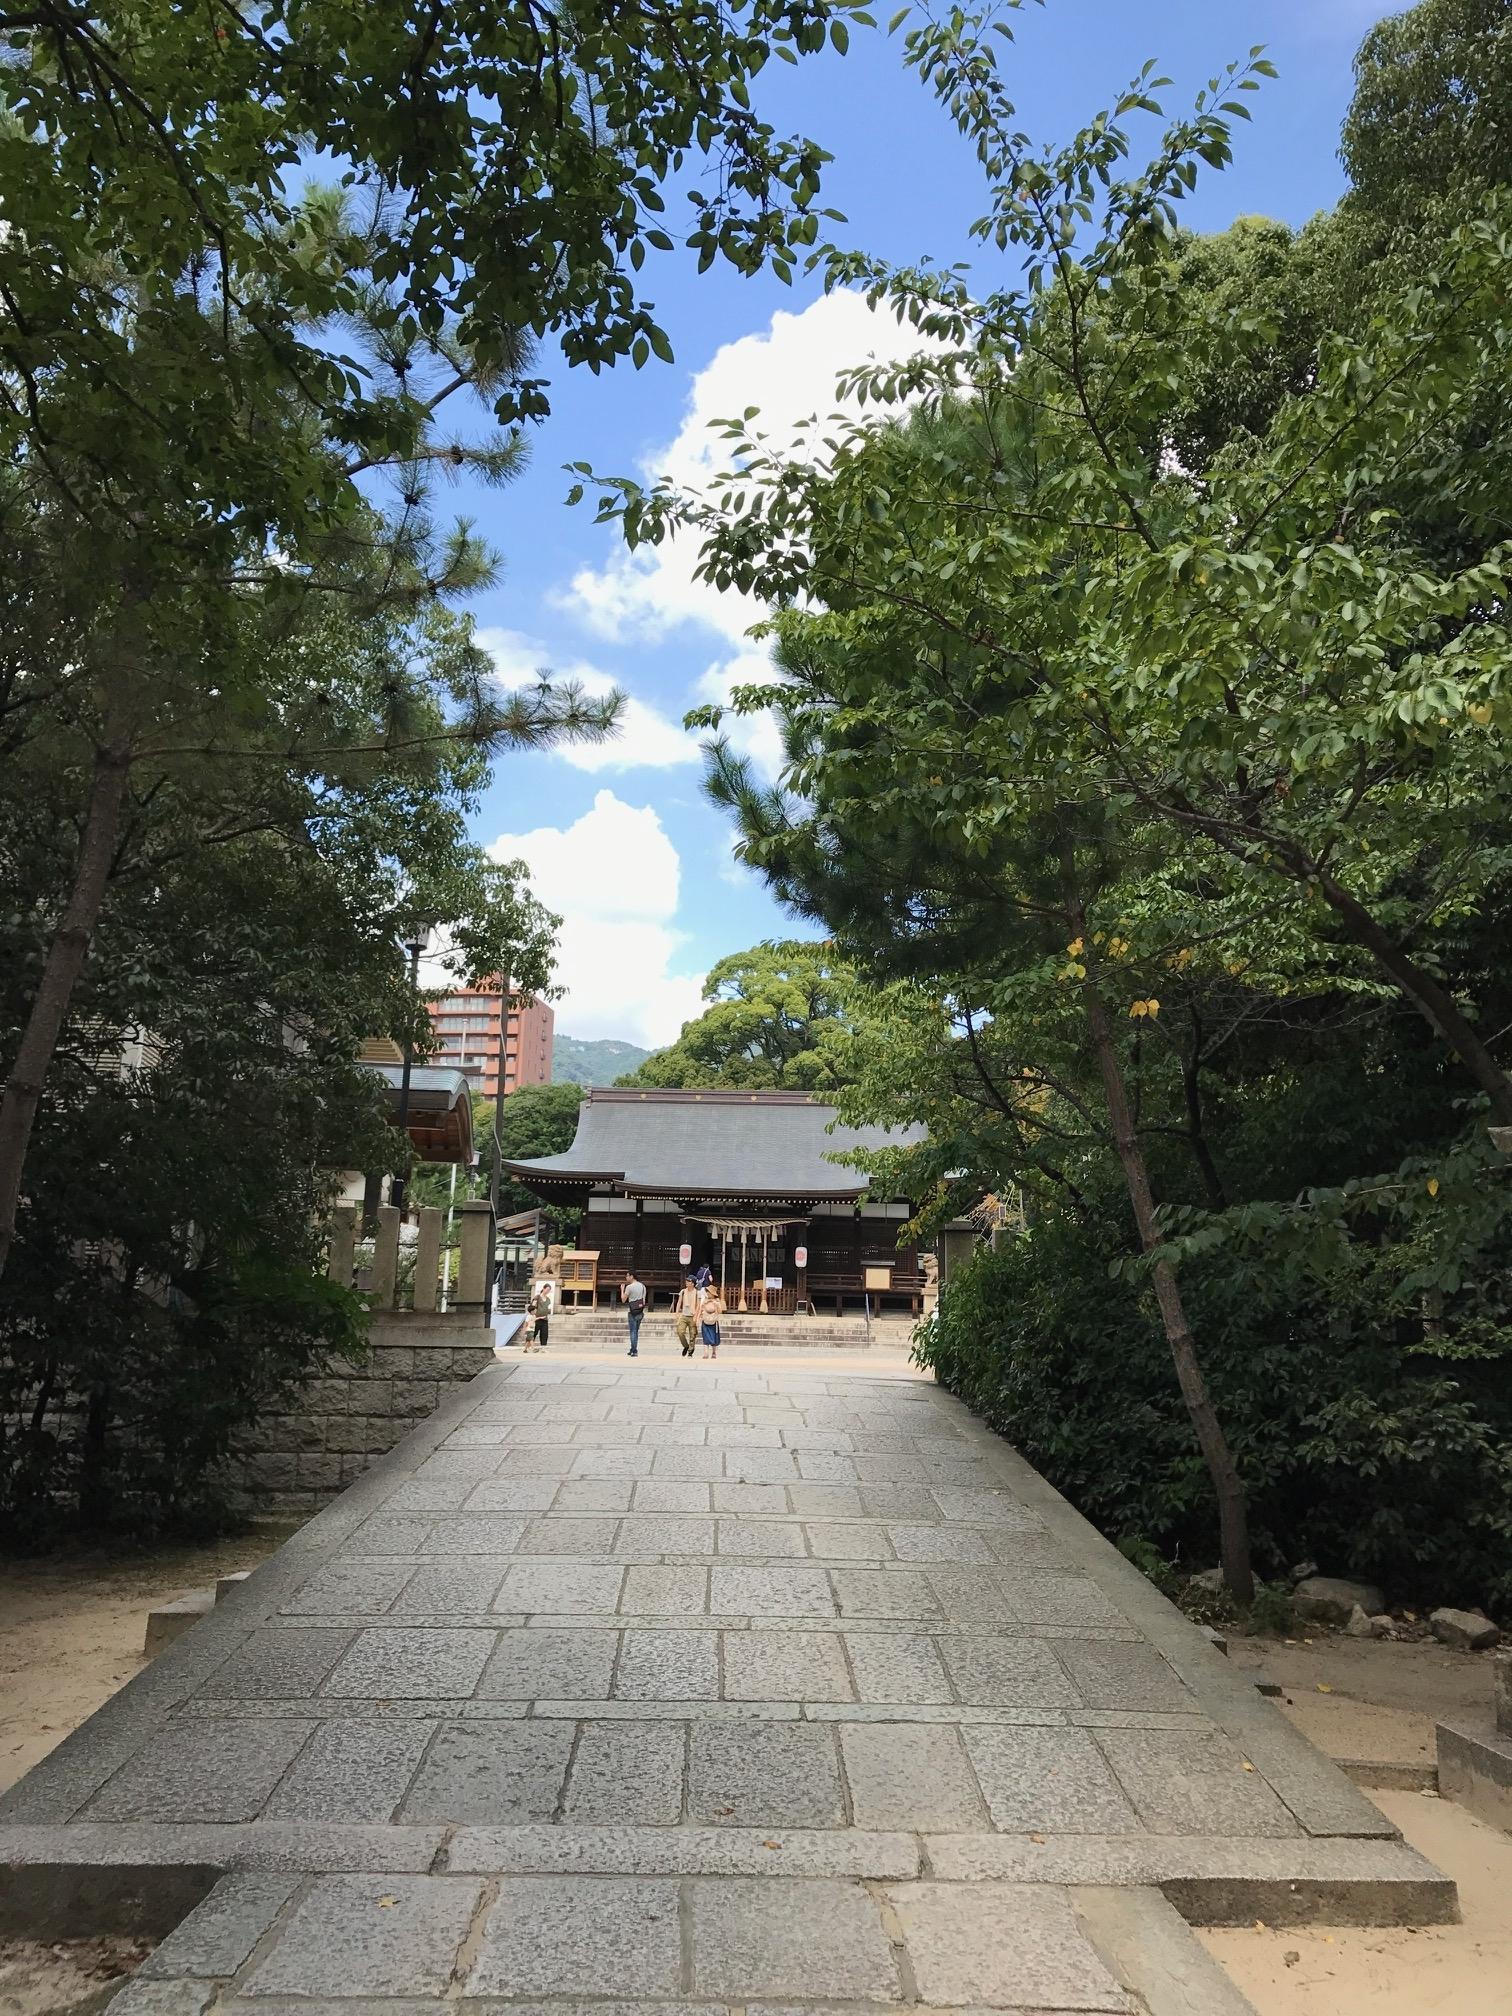 0904弓弦羽神社P (1)